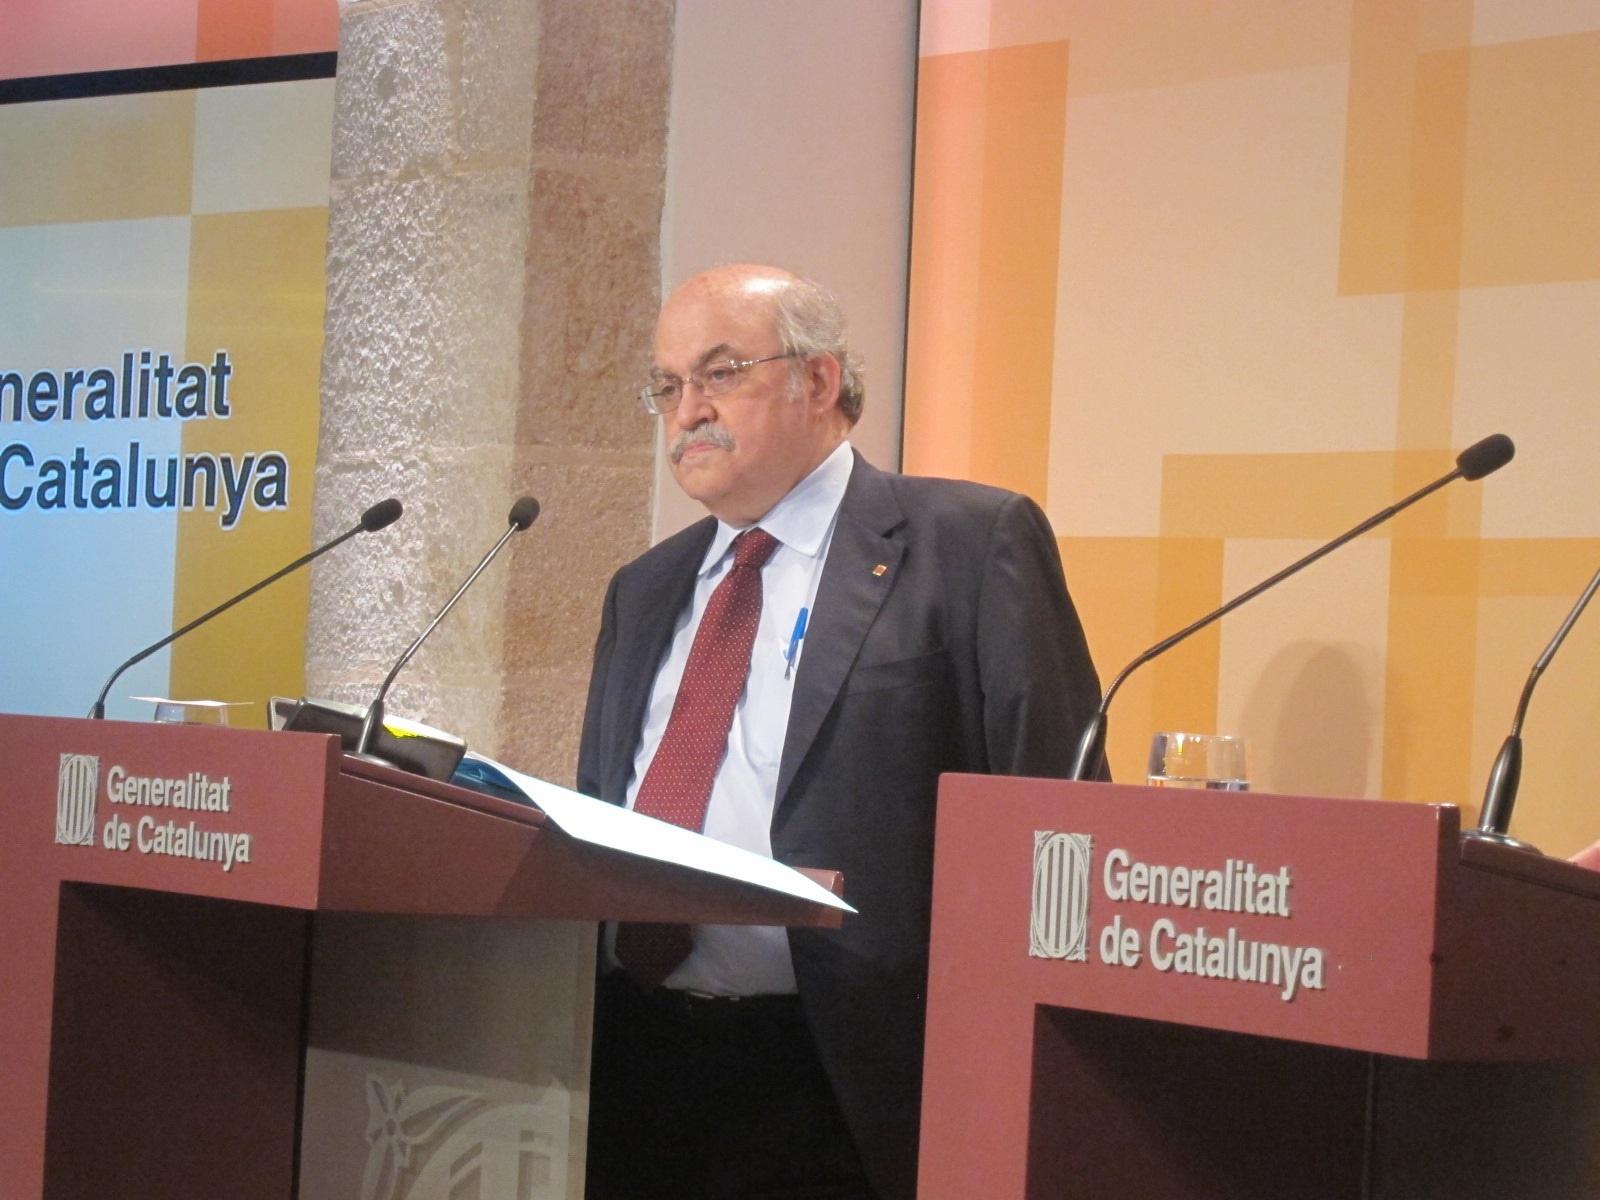 El Gobierno catalán rechaza que el ERE de CatalunyaCaixa tenga peores condiciones que en otras nacionalizadas